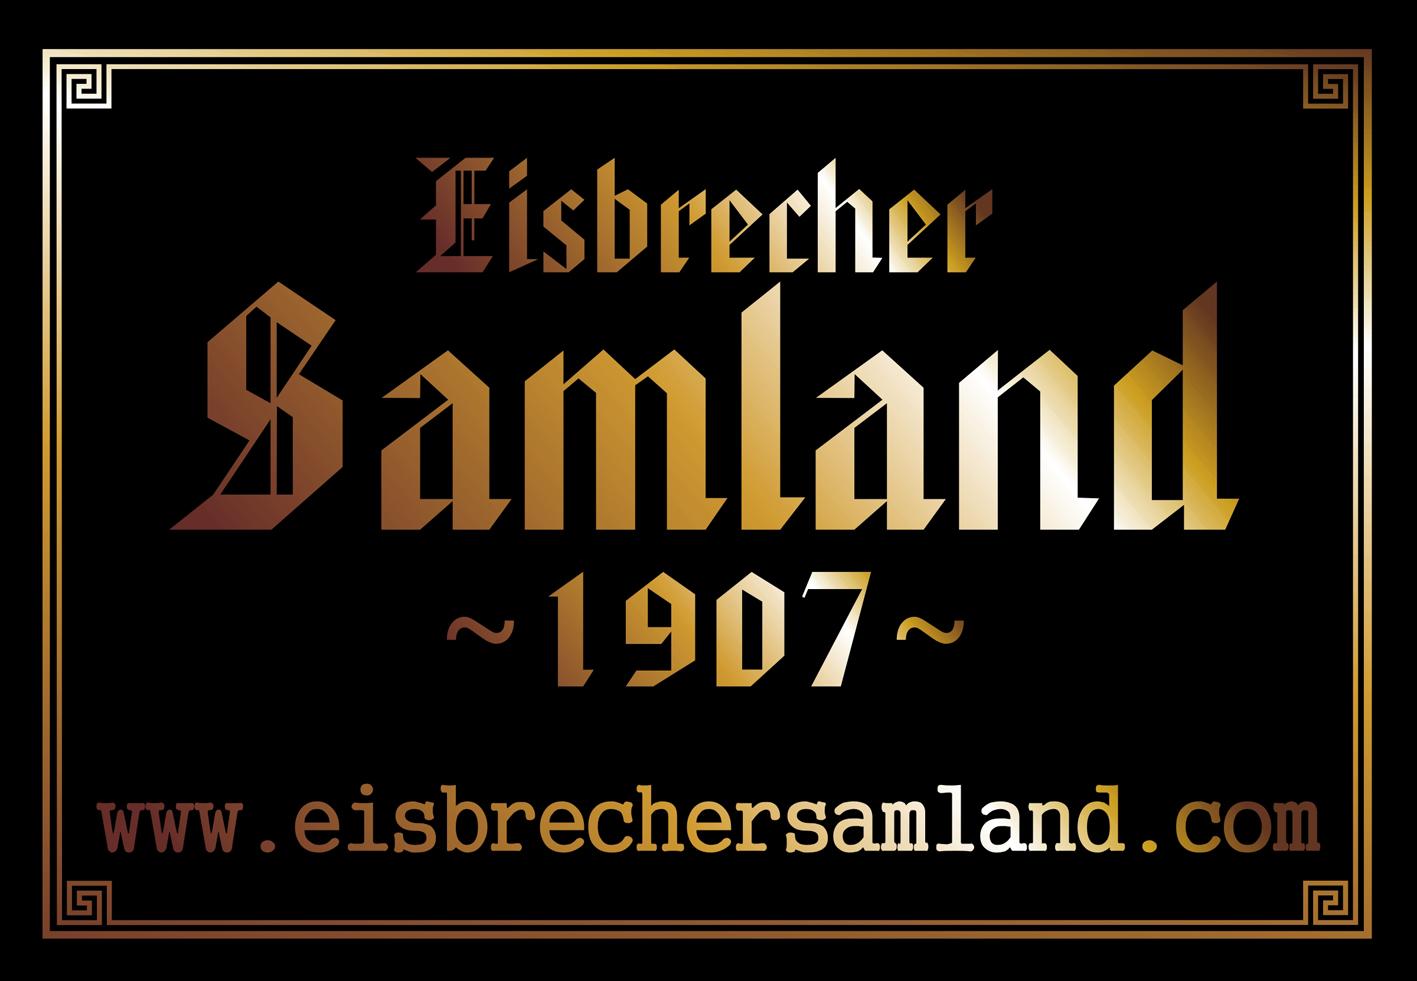 Wir haben die Homepage gestaltet:  www.eisbrechersamland.com